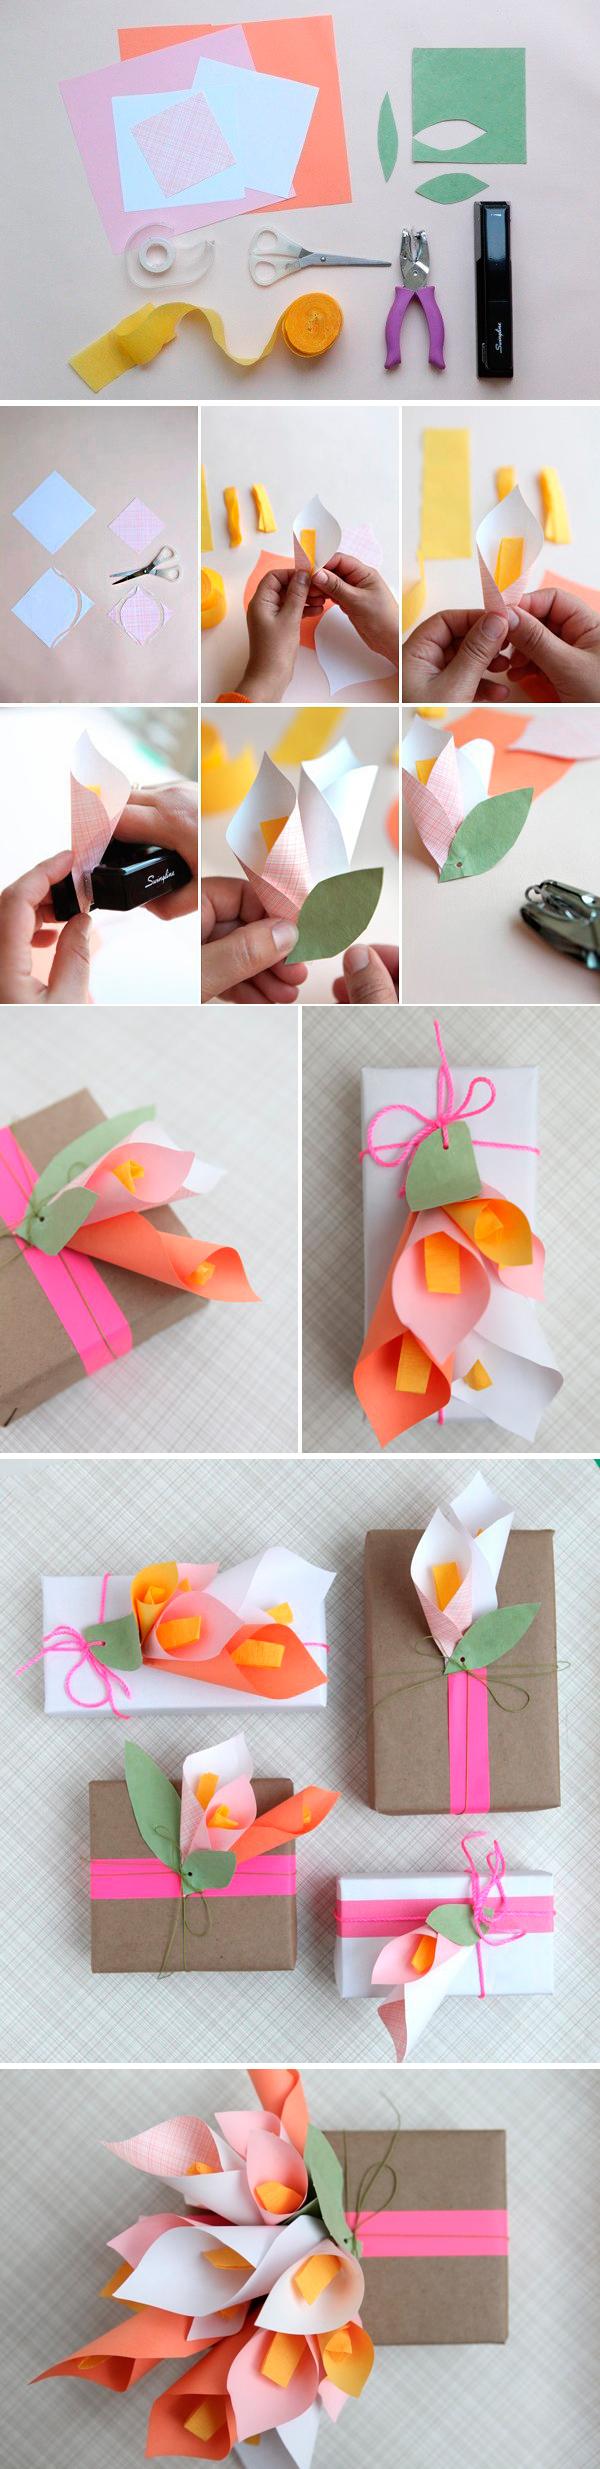 Цветы из бумаги своими руками: схемы и шаблоны - Мир Позитива 96